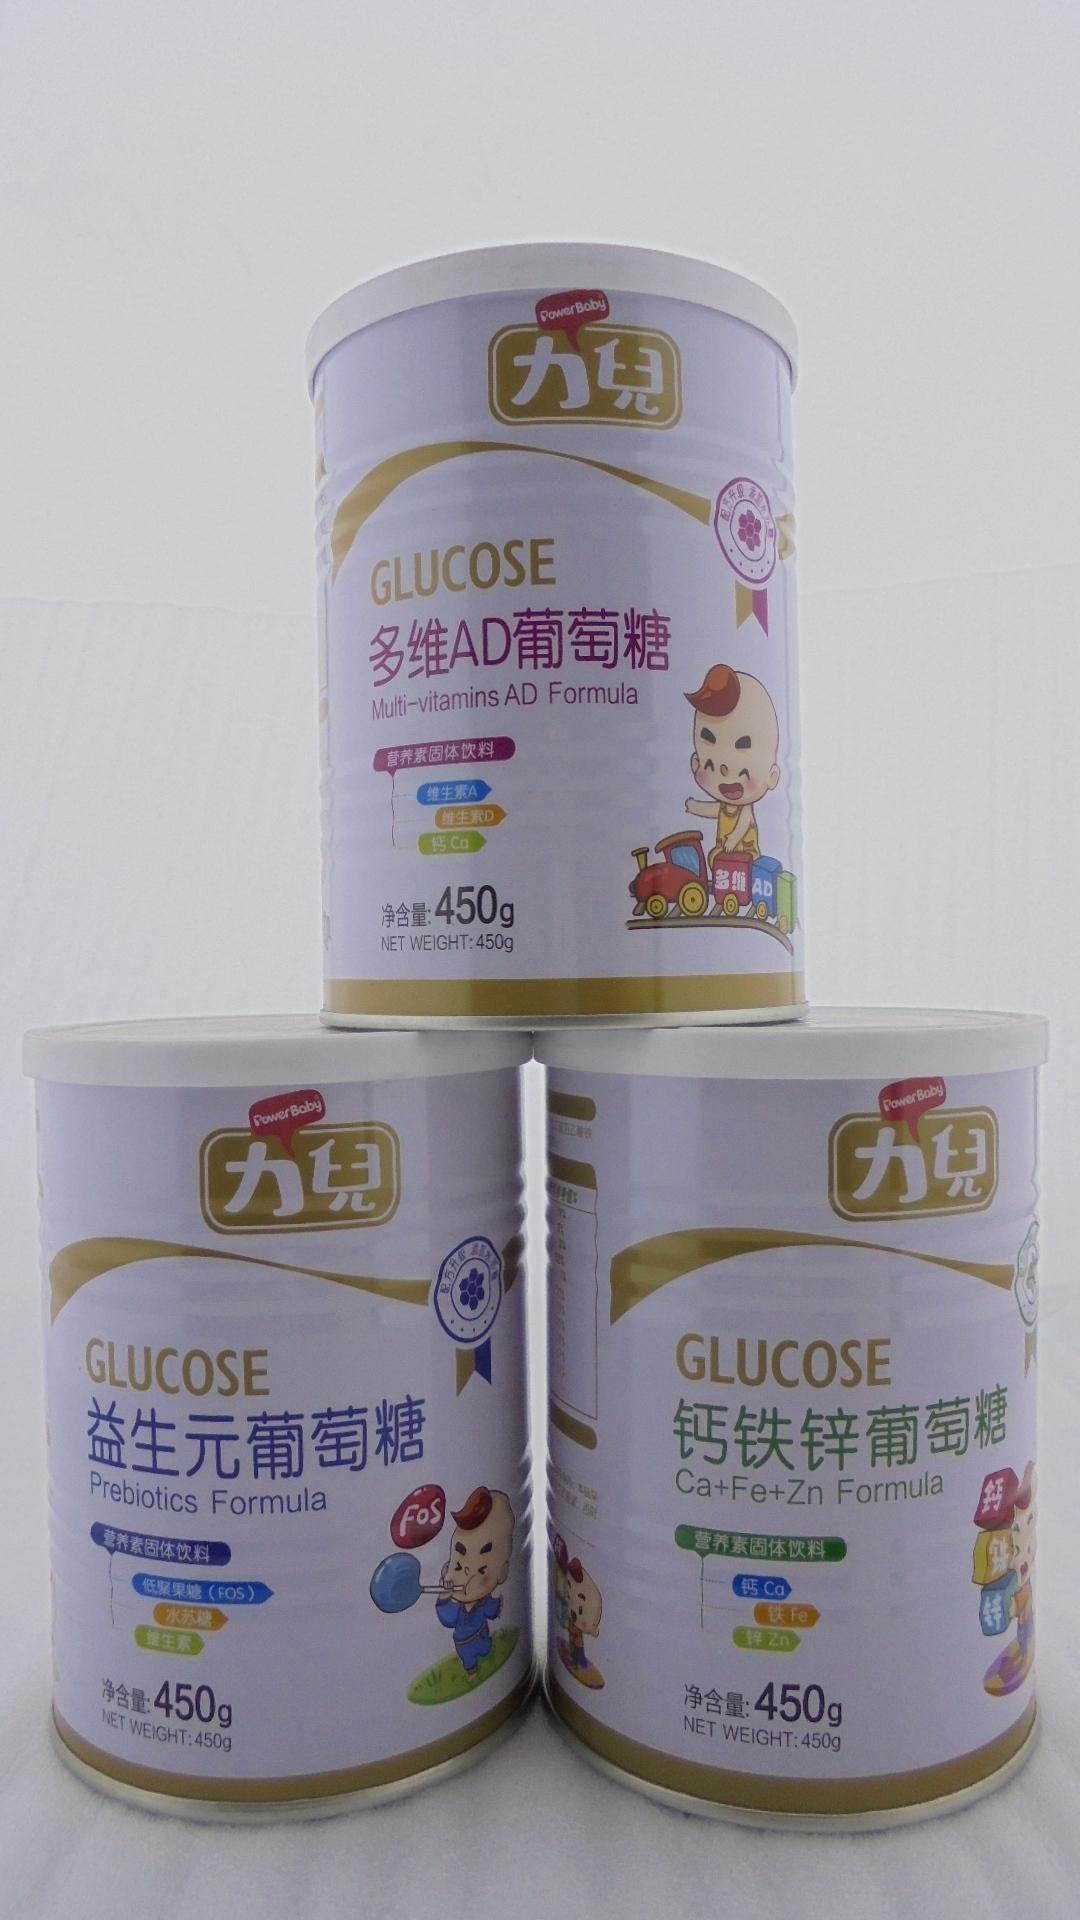 力儿婴幼儿清清宝葡萄糖辅食450g3种口味罐装营养素固体饮料